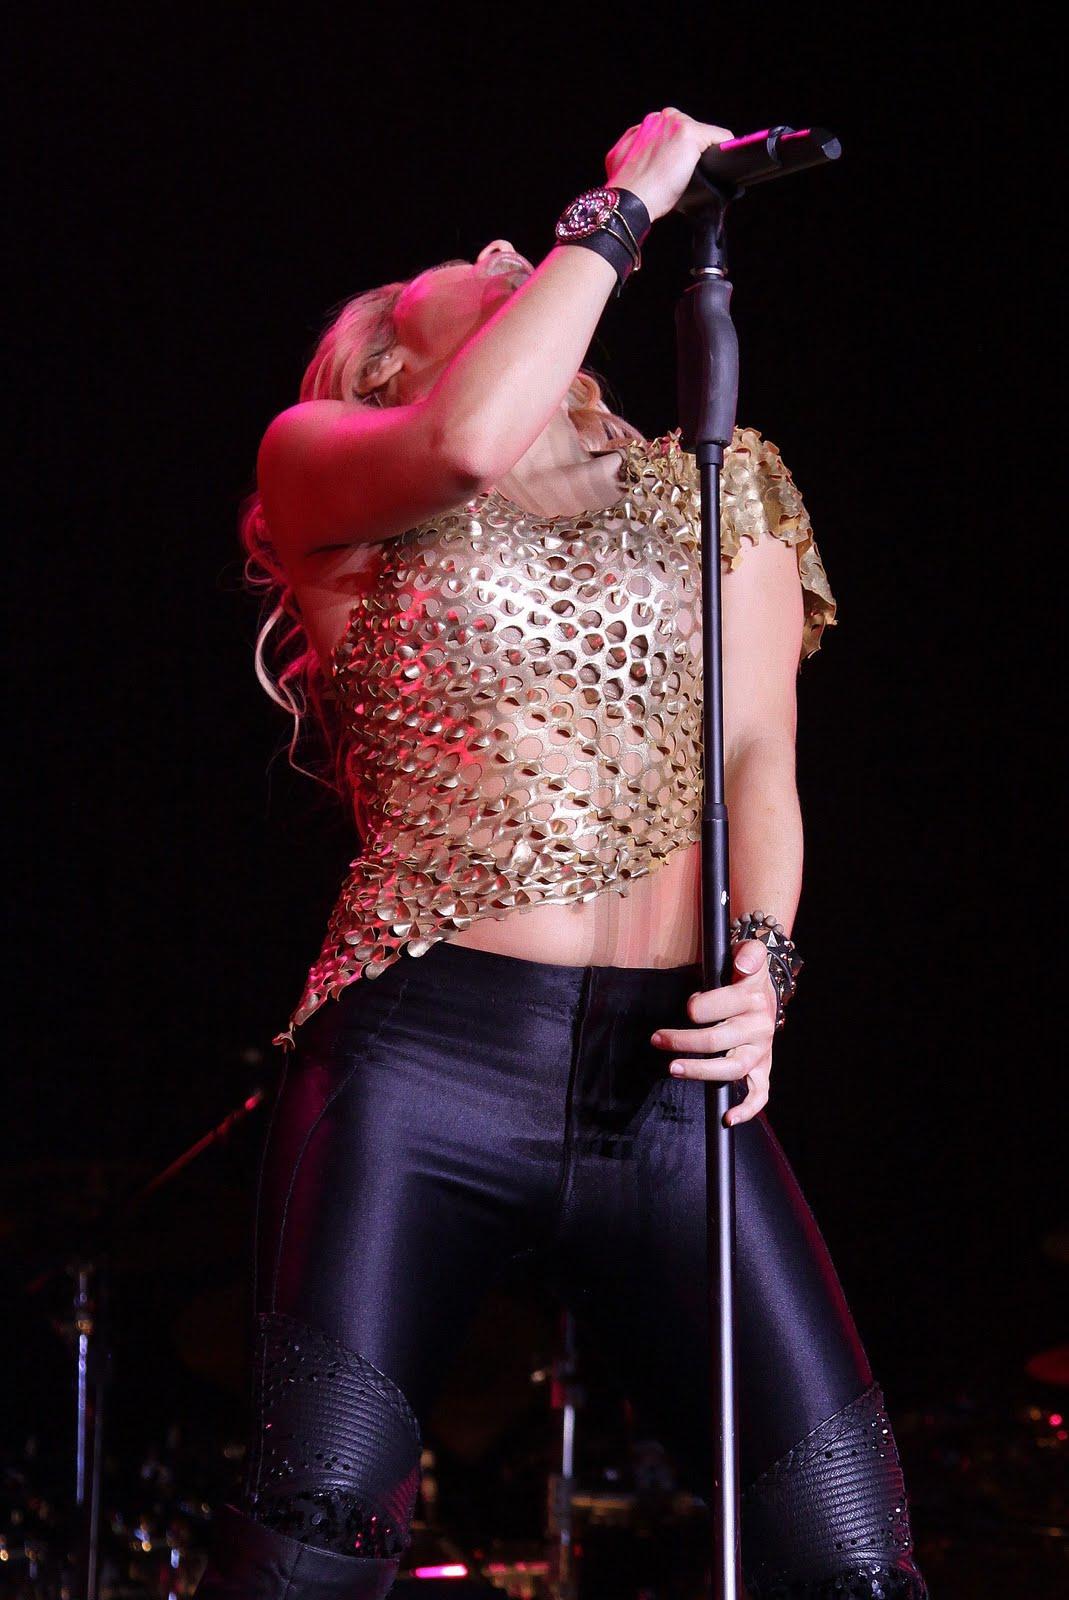 Galería » Apariciones, candids, conciertos... 78402_Shakira_PerformingliveinAssagoForuminMilanItalyMay32011_By_oTTo9_122_831lo